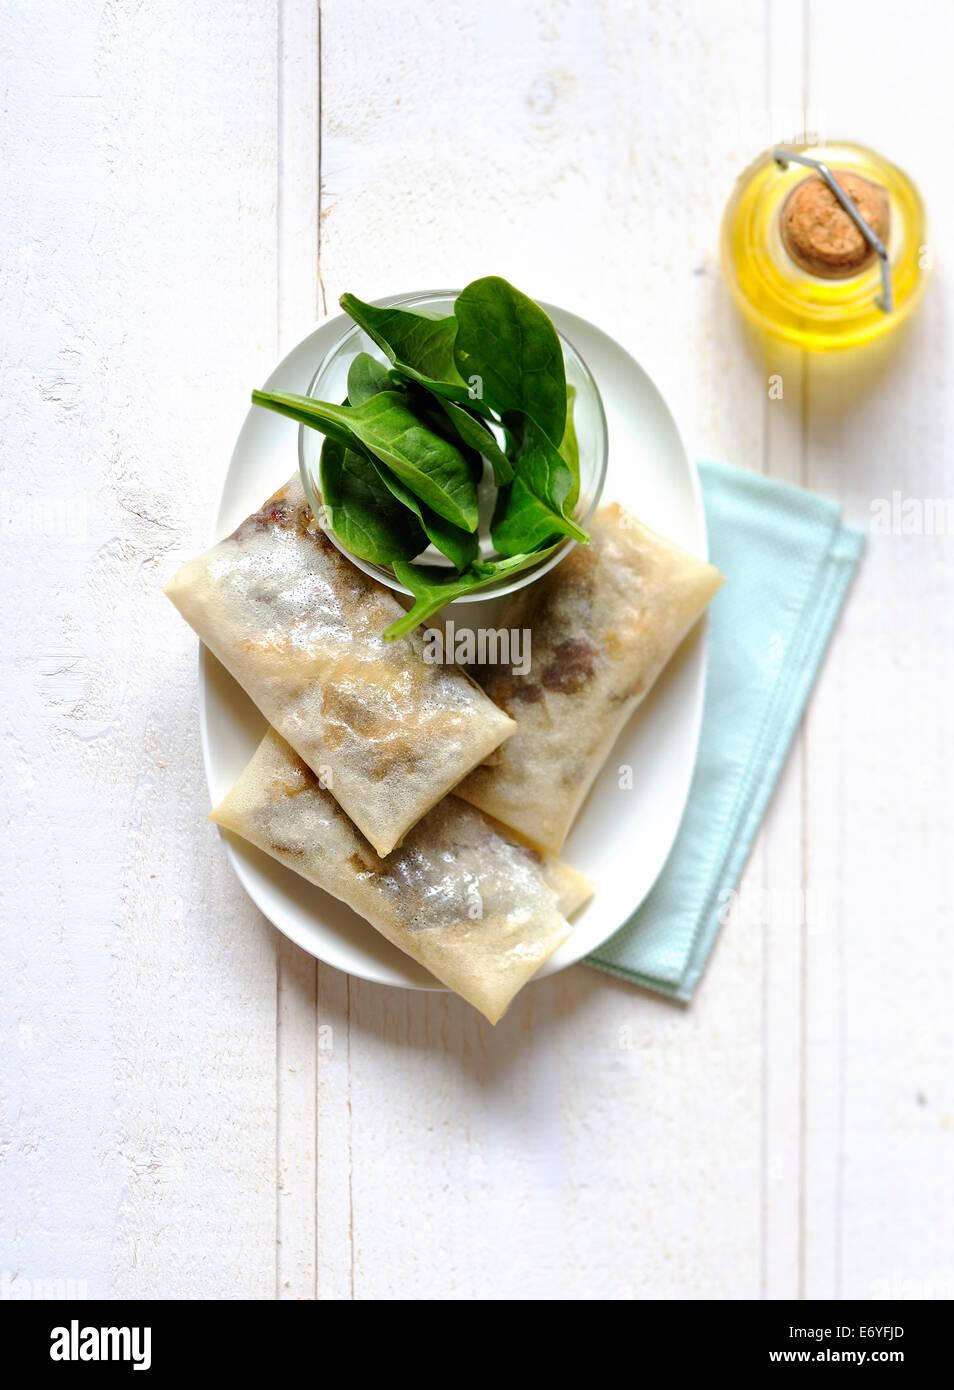 Boudin et rouleaux de pâte filo apple Photo Stock